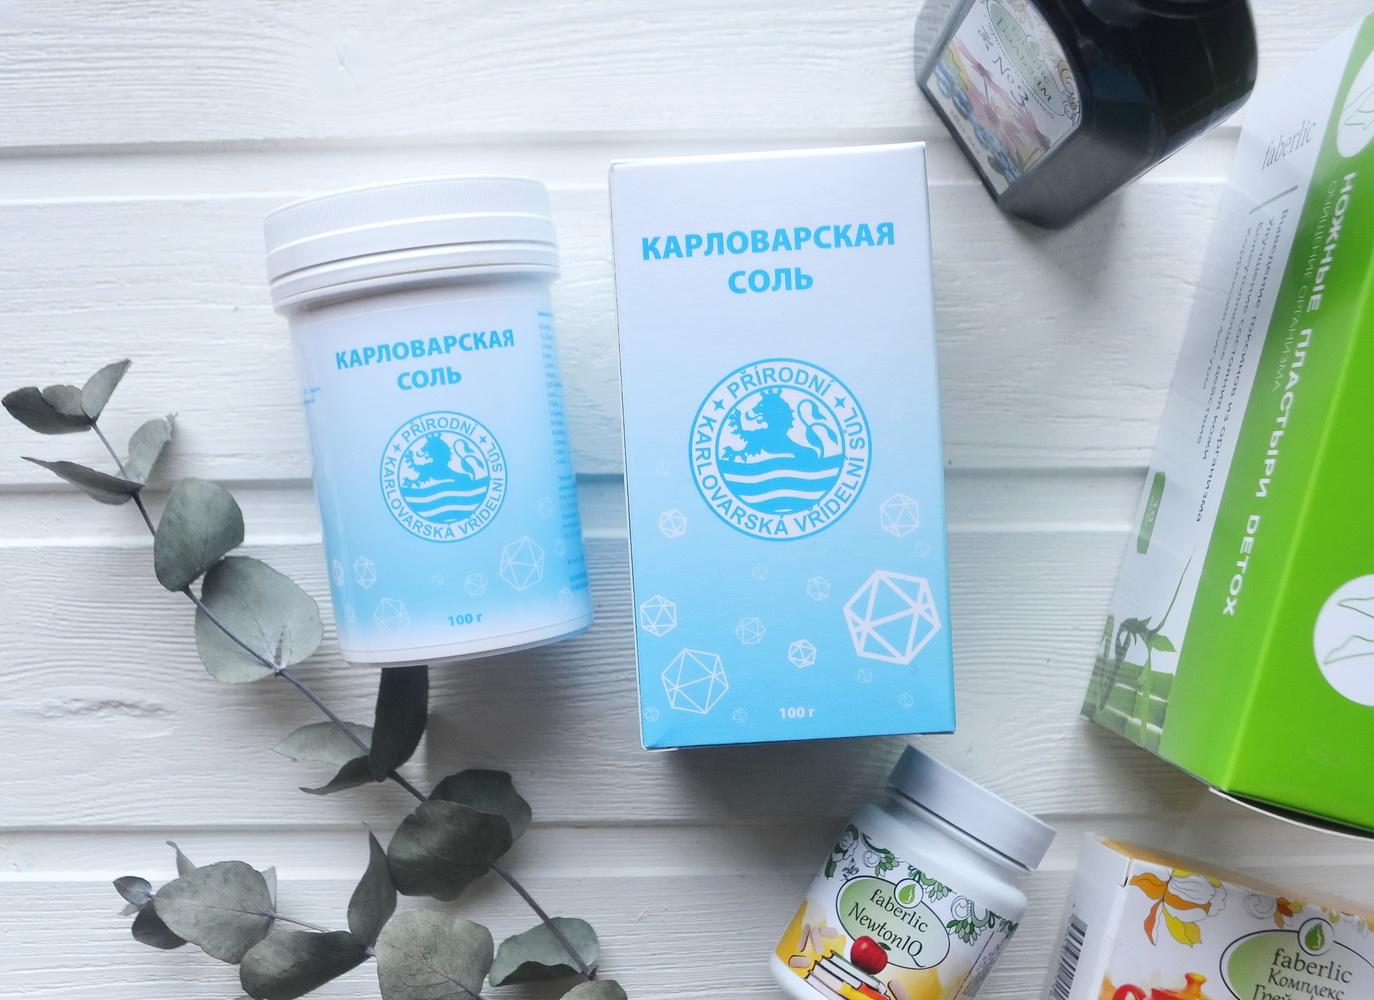 Карловарская соль Faberlic. Отзывы